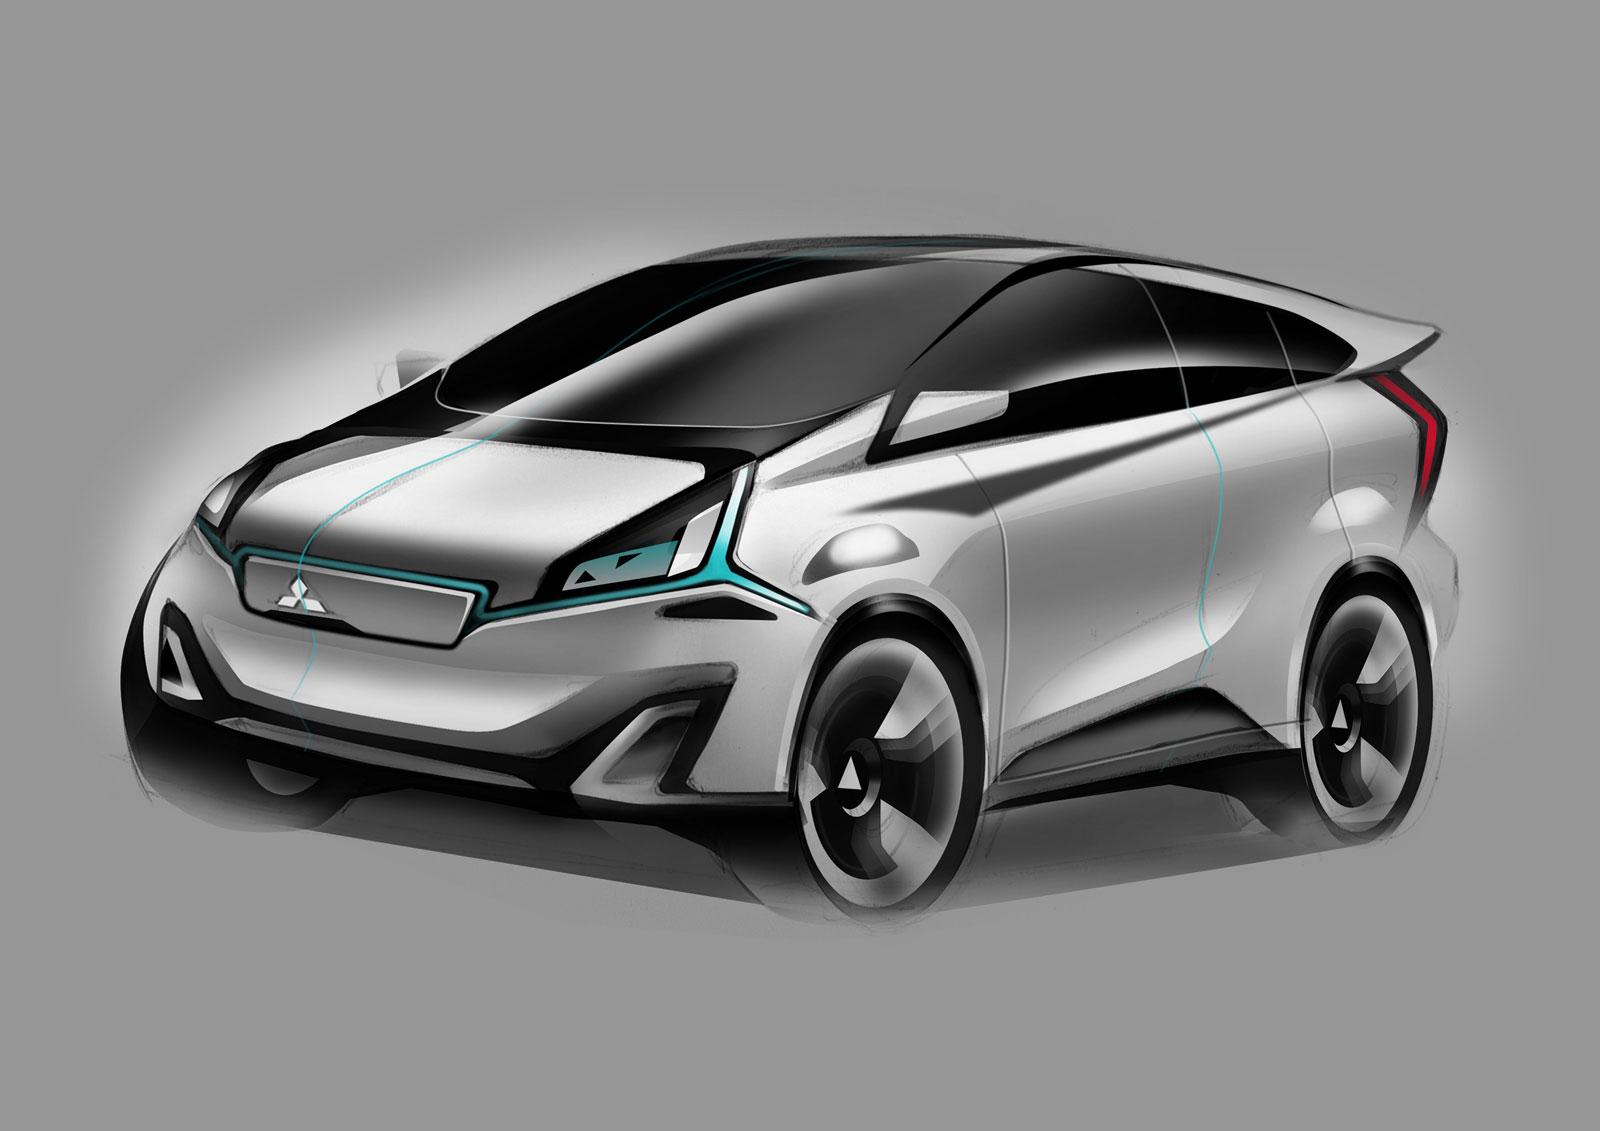 2013 Mitsubishi CA–MiEV - Concepts